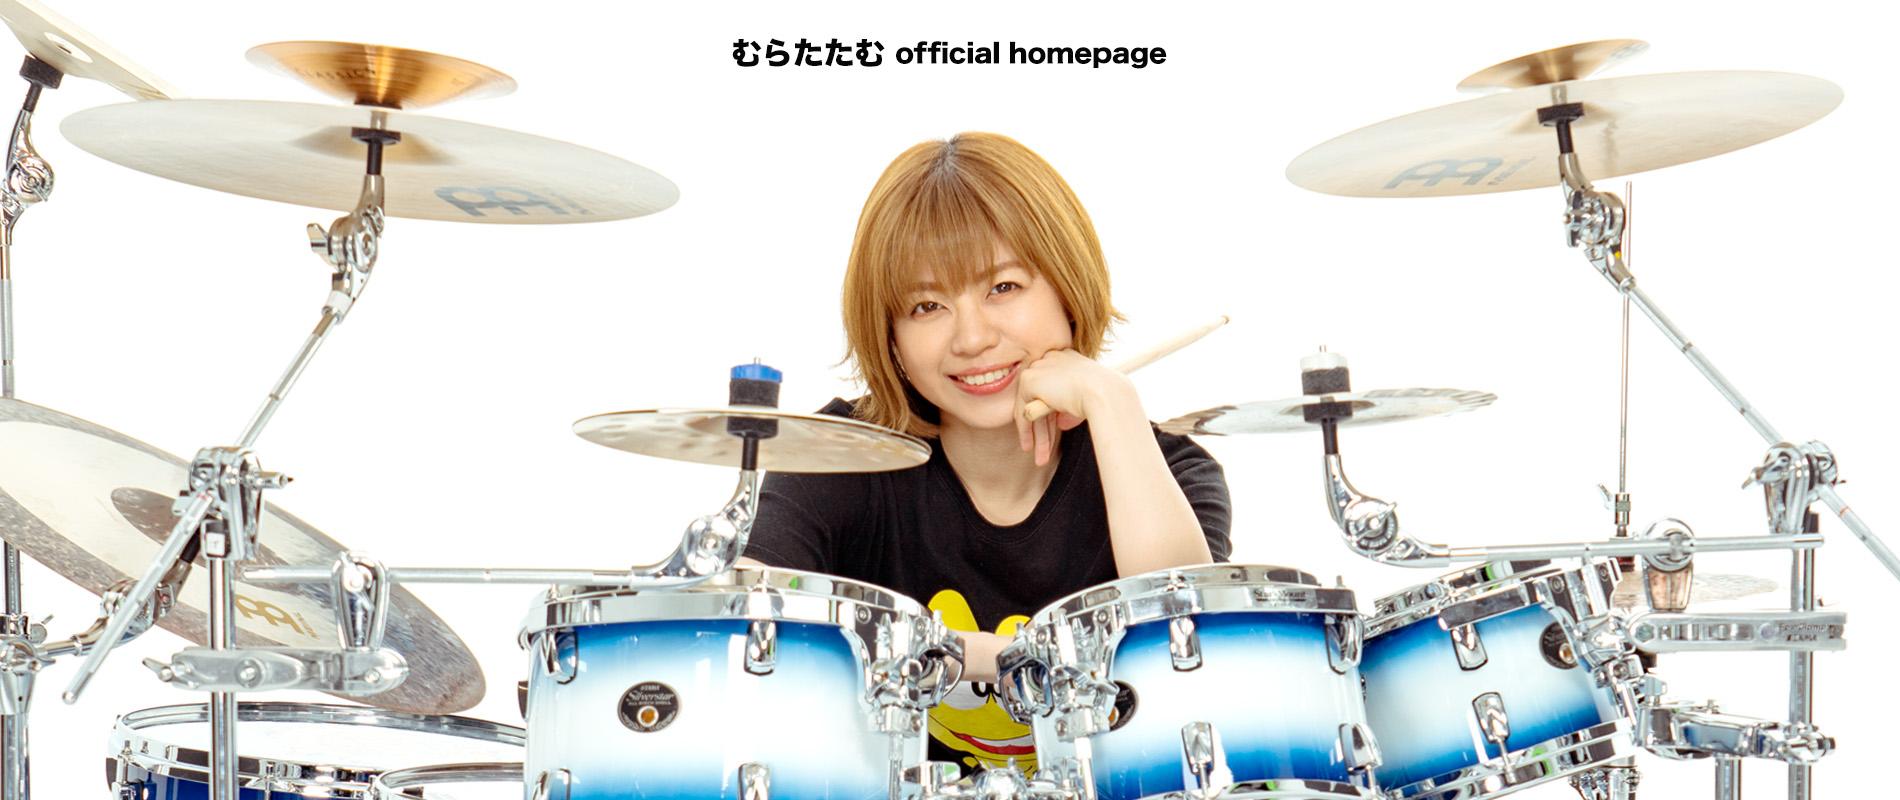 むらたたむofficial homepage